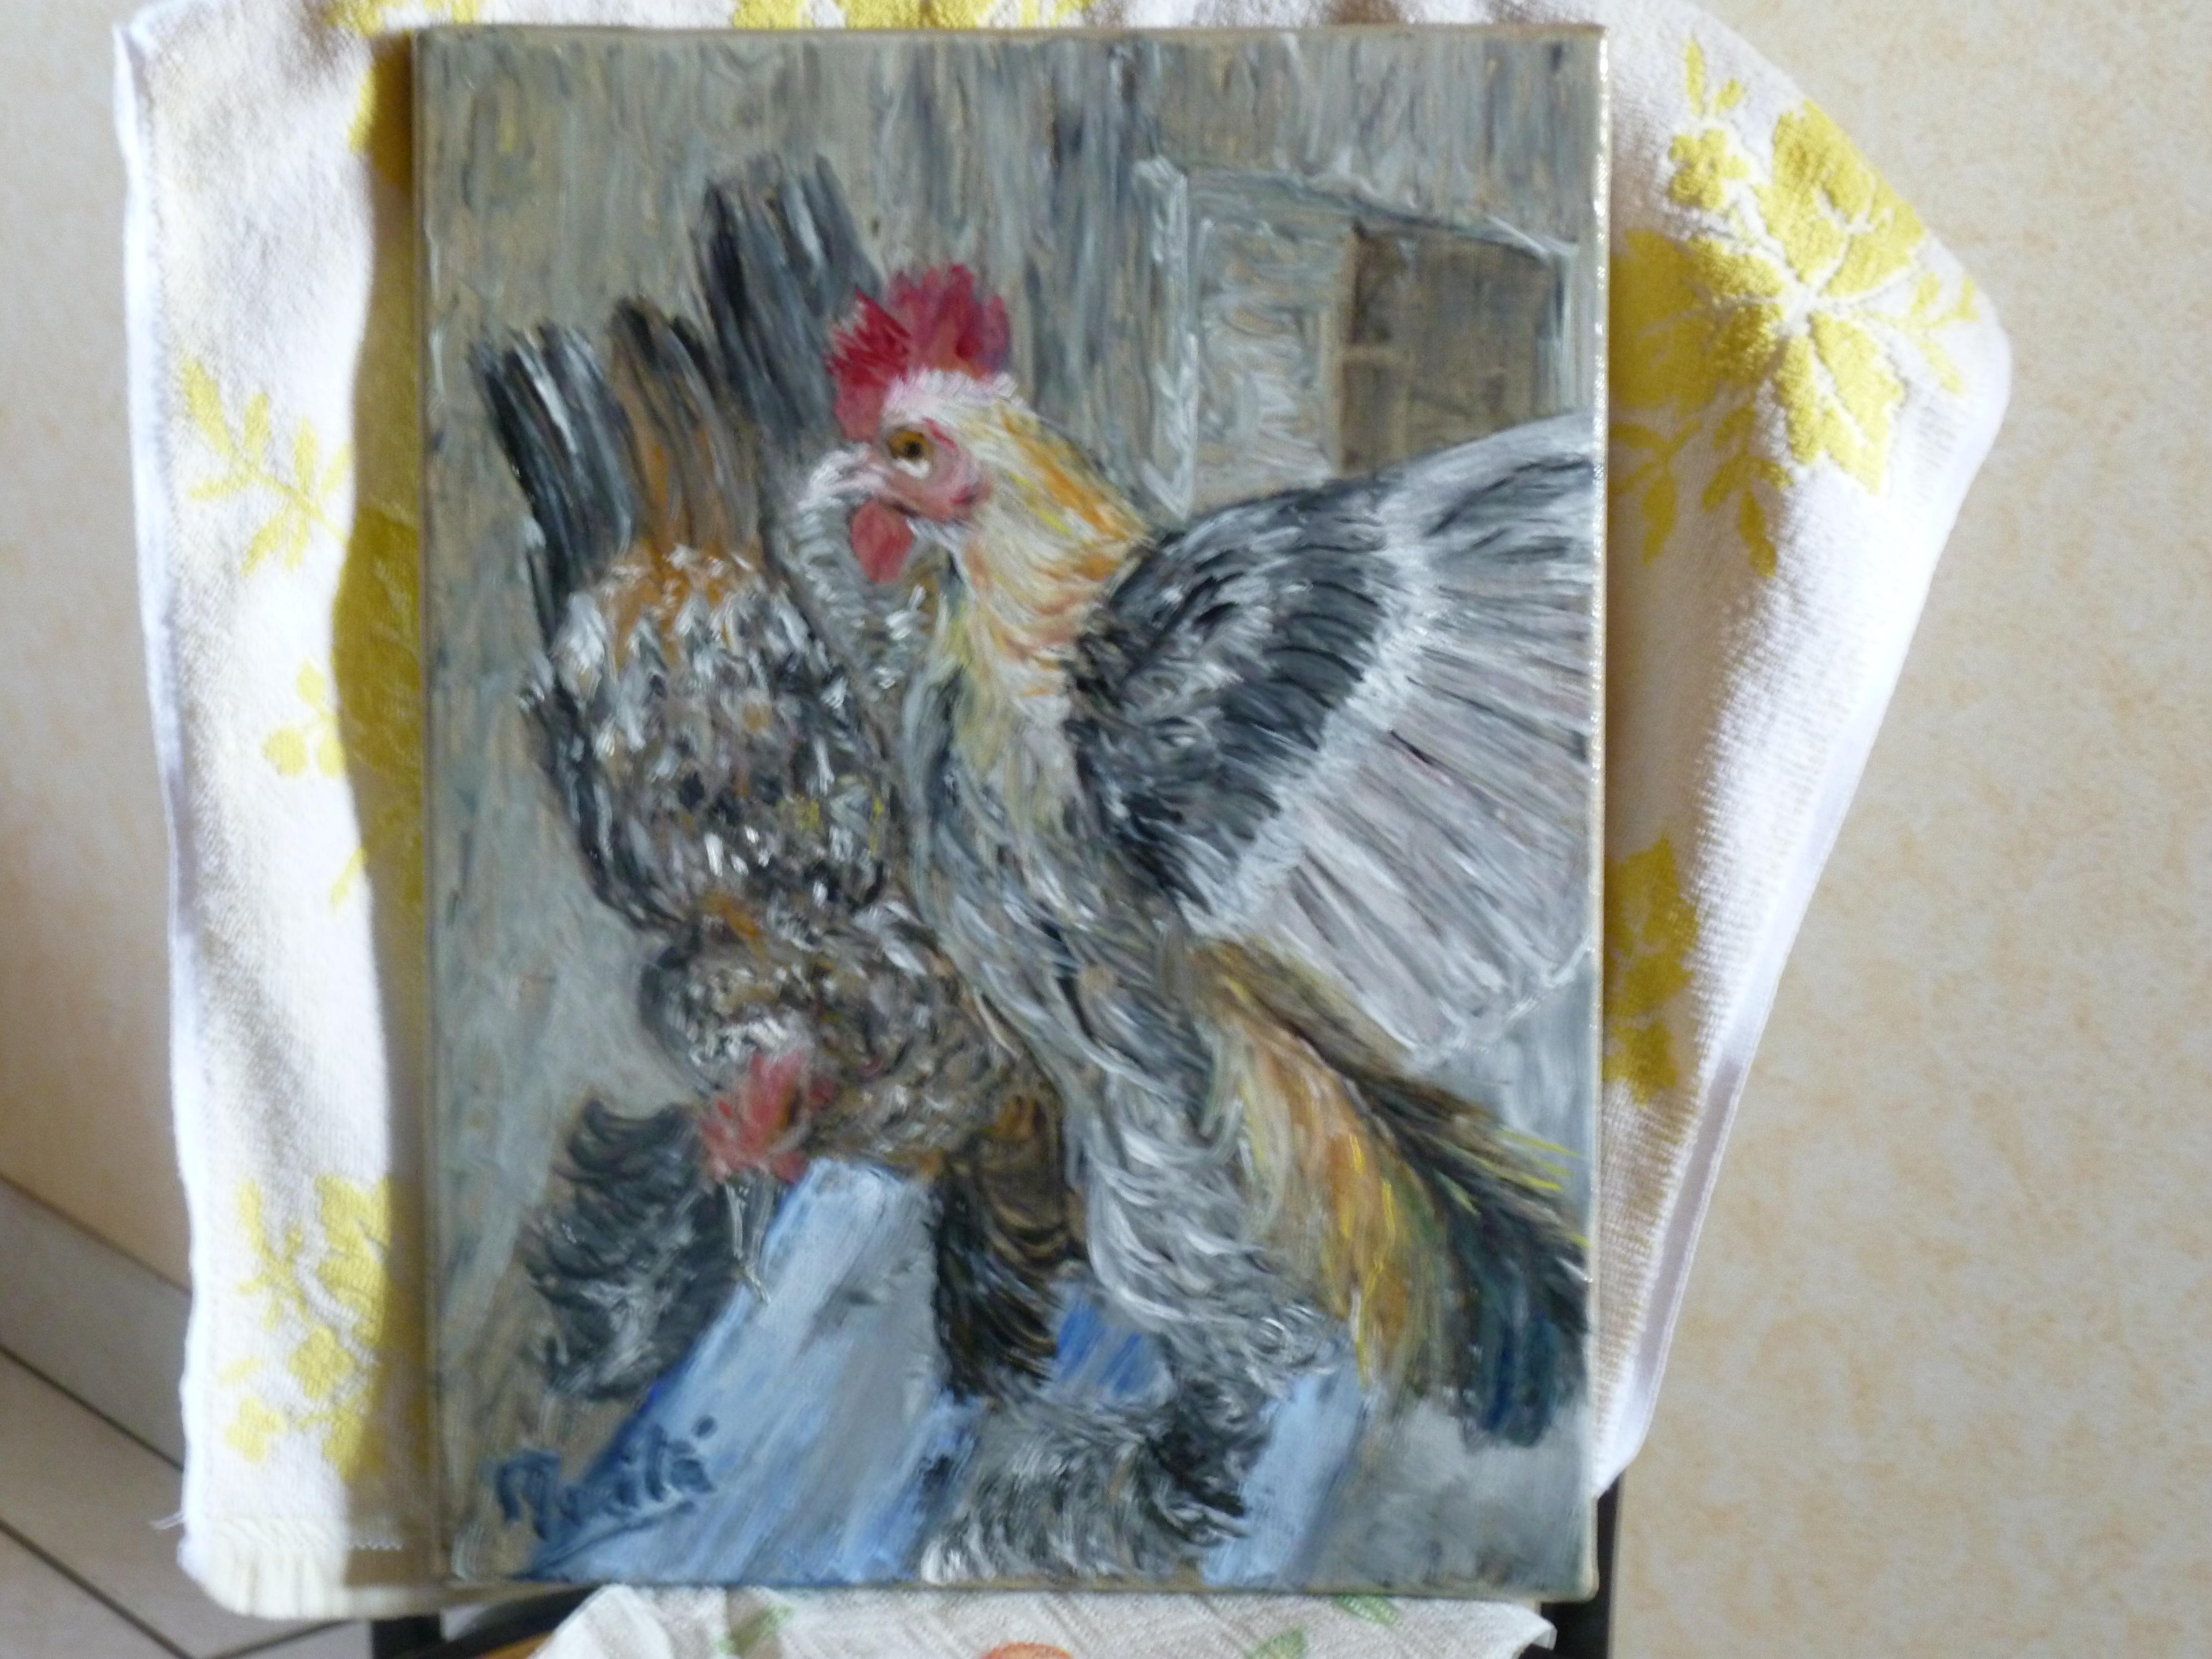 Peindre l huile alla prima artiste story culture - Peindre sur peinture acrylique ...